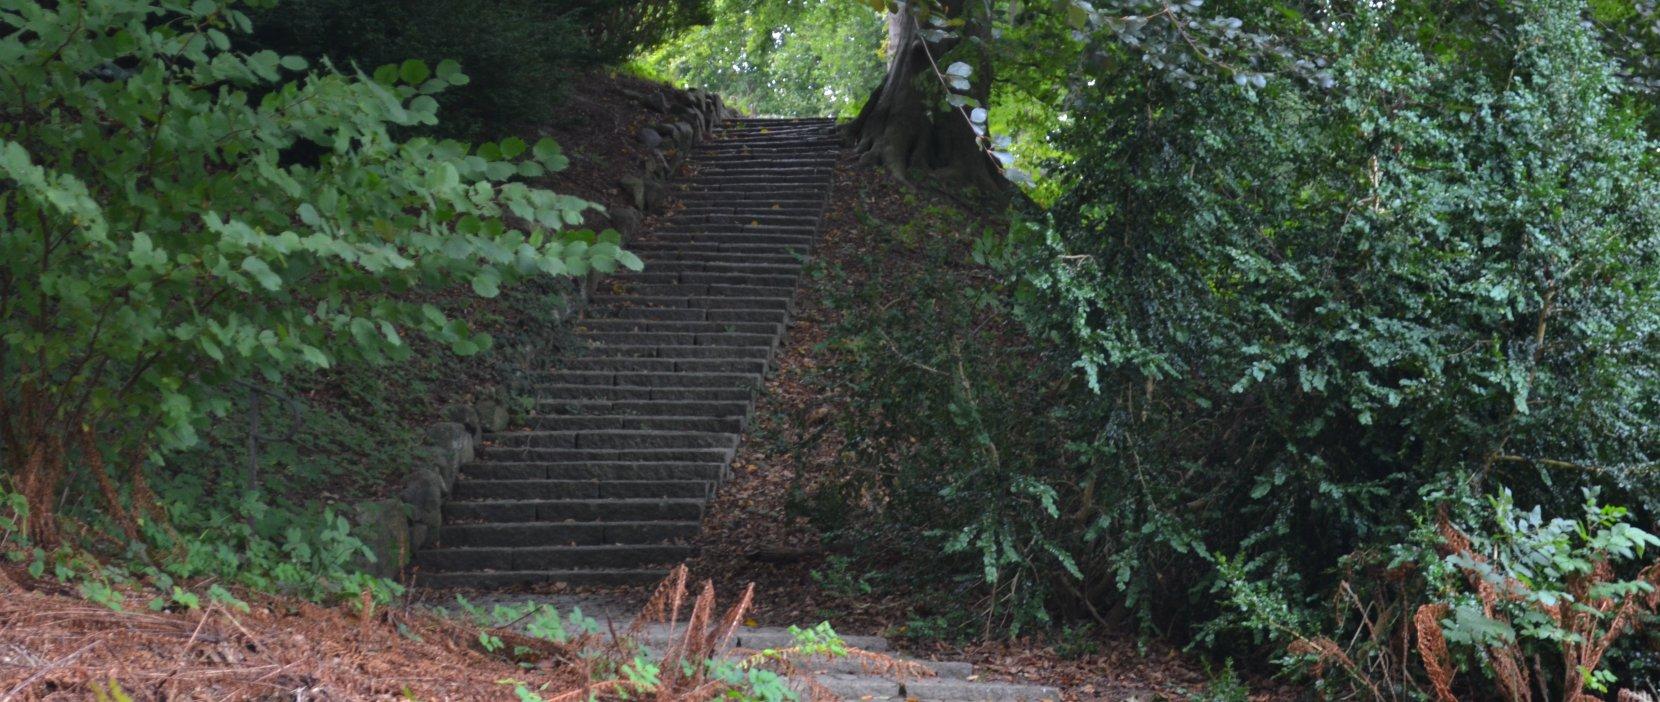 Foto: Søllerød Kirkegård lang trappe